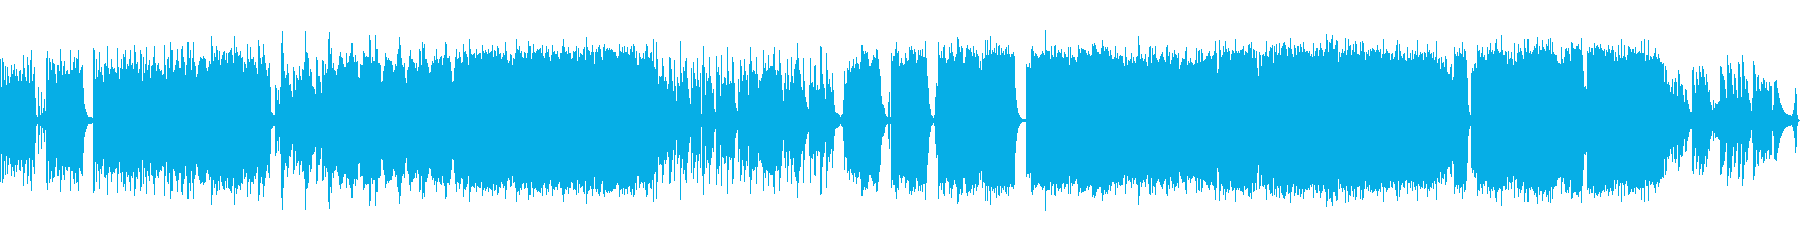 打ち込みEDM系の再生済みの波形